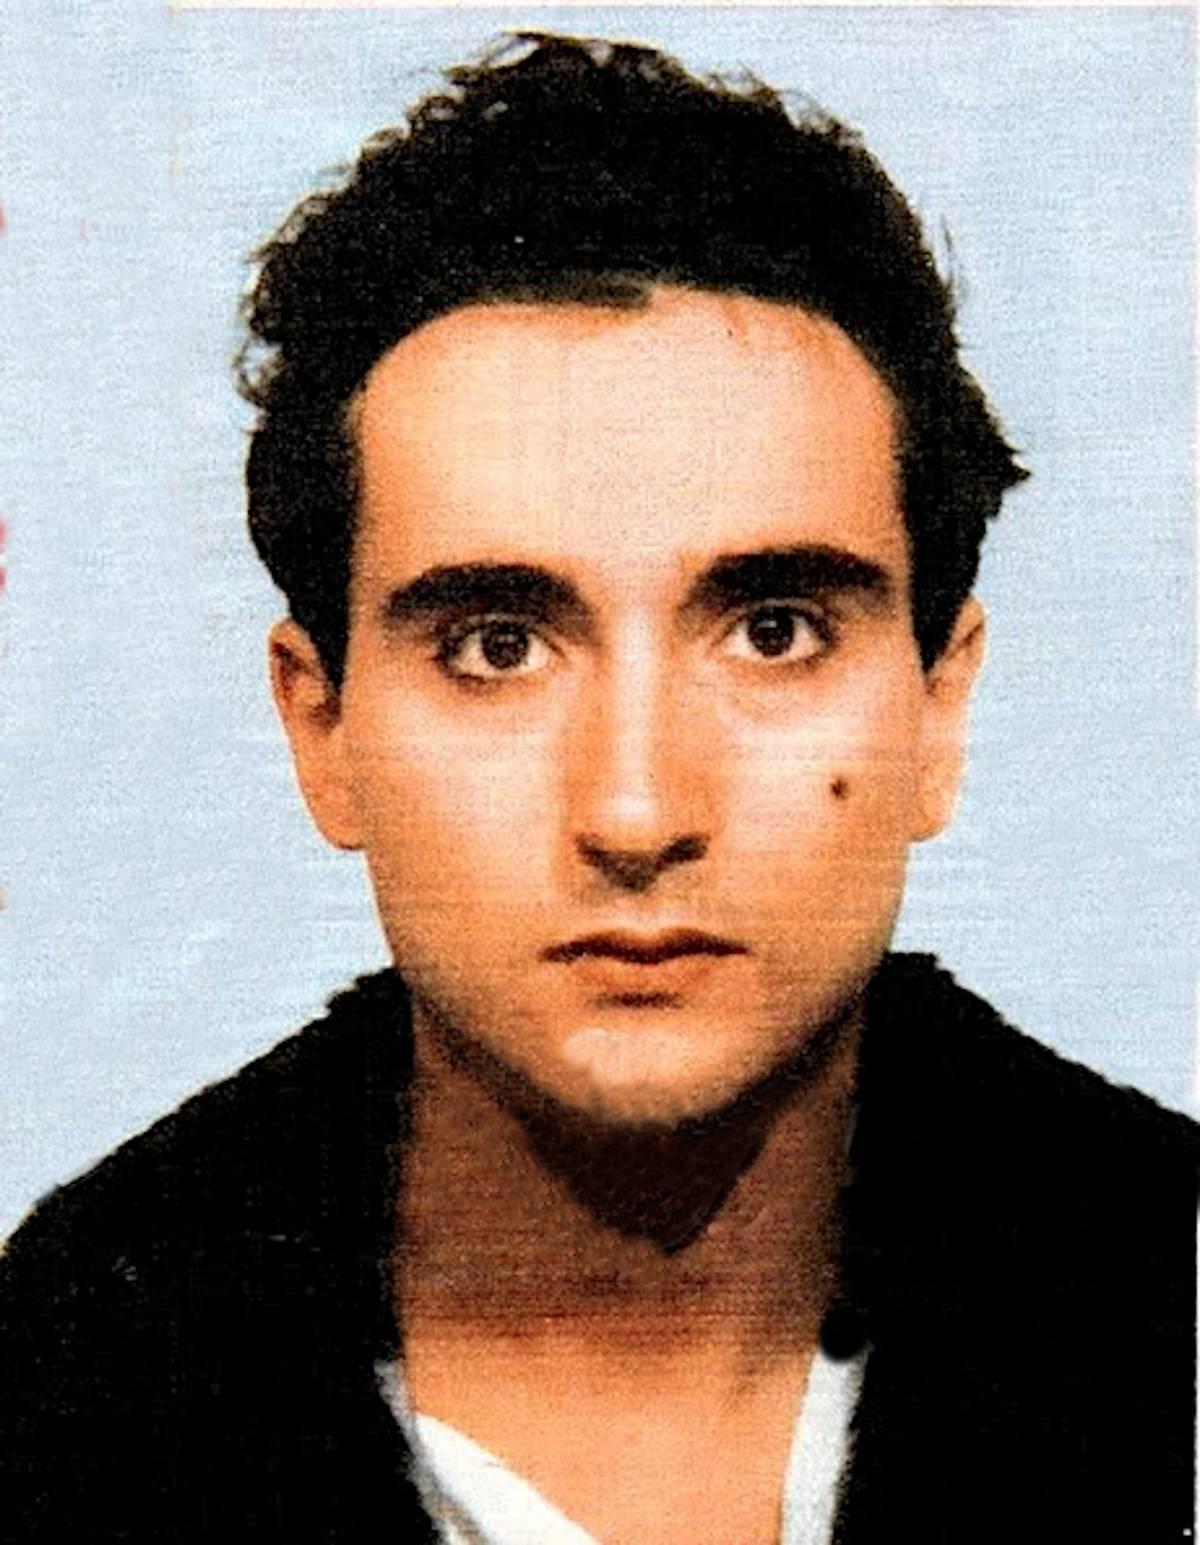 Wladimiro Guadagno